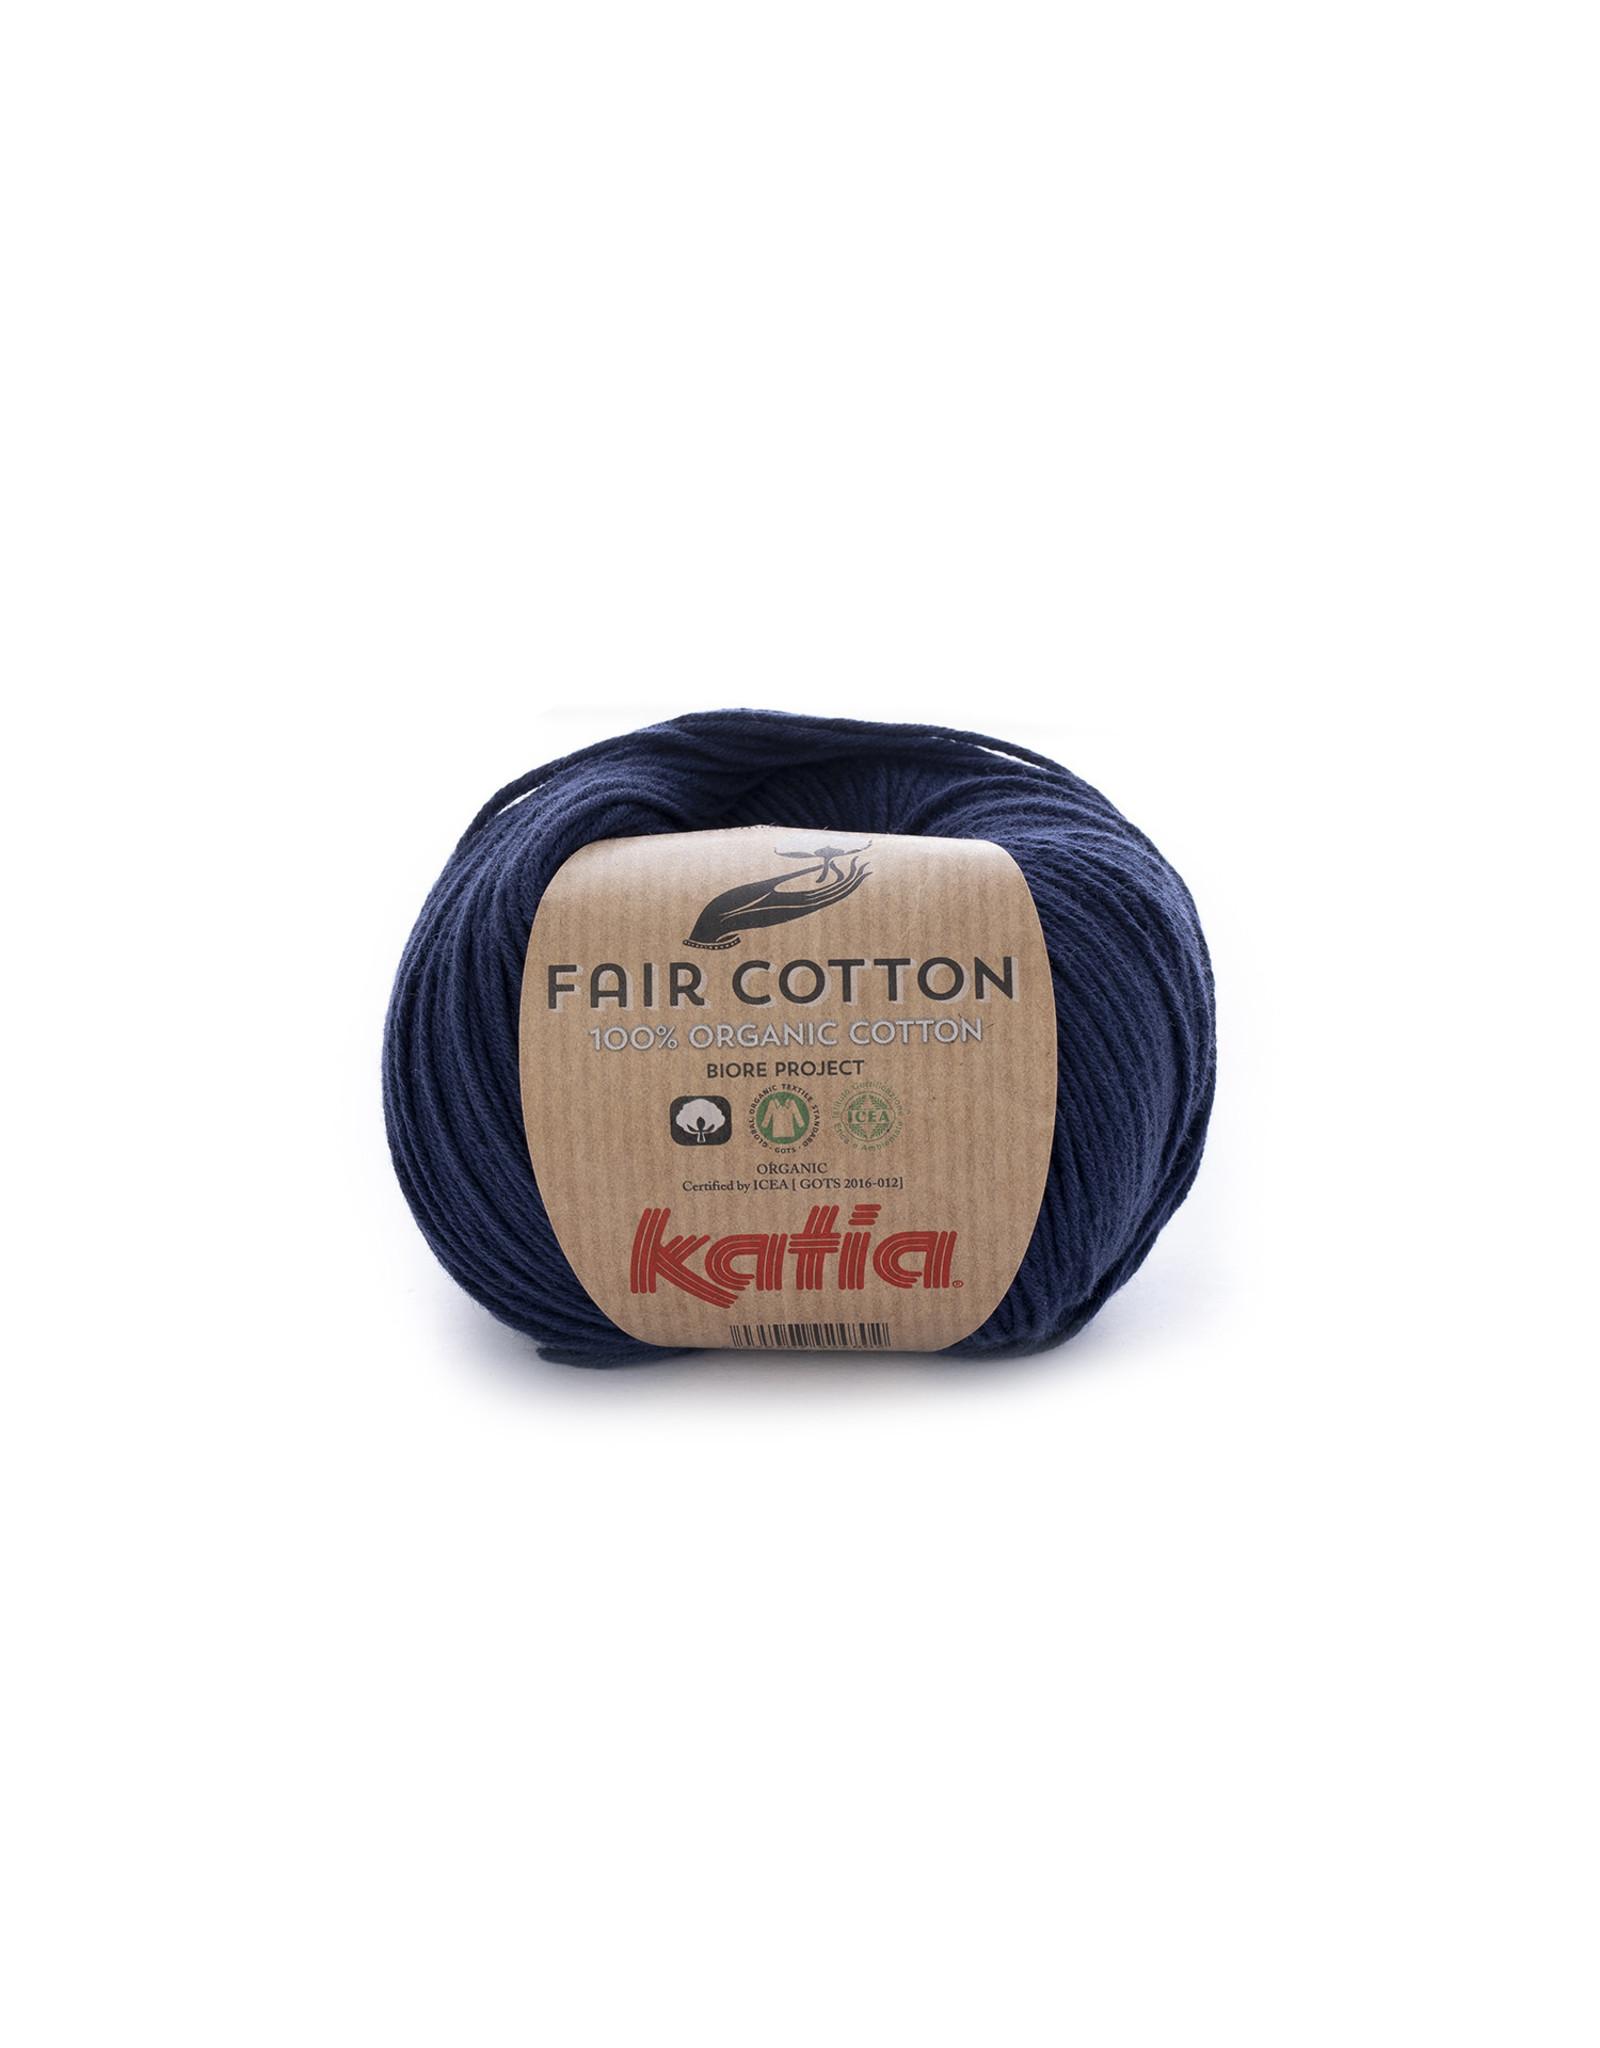 Katia Katia Fair Cotton Kleur 5 - donkerblauw - 100% biol. GOTS katoengaren - bundel 5 x 50 gr./155 m.